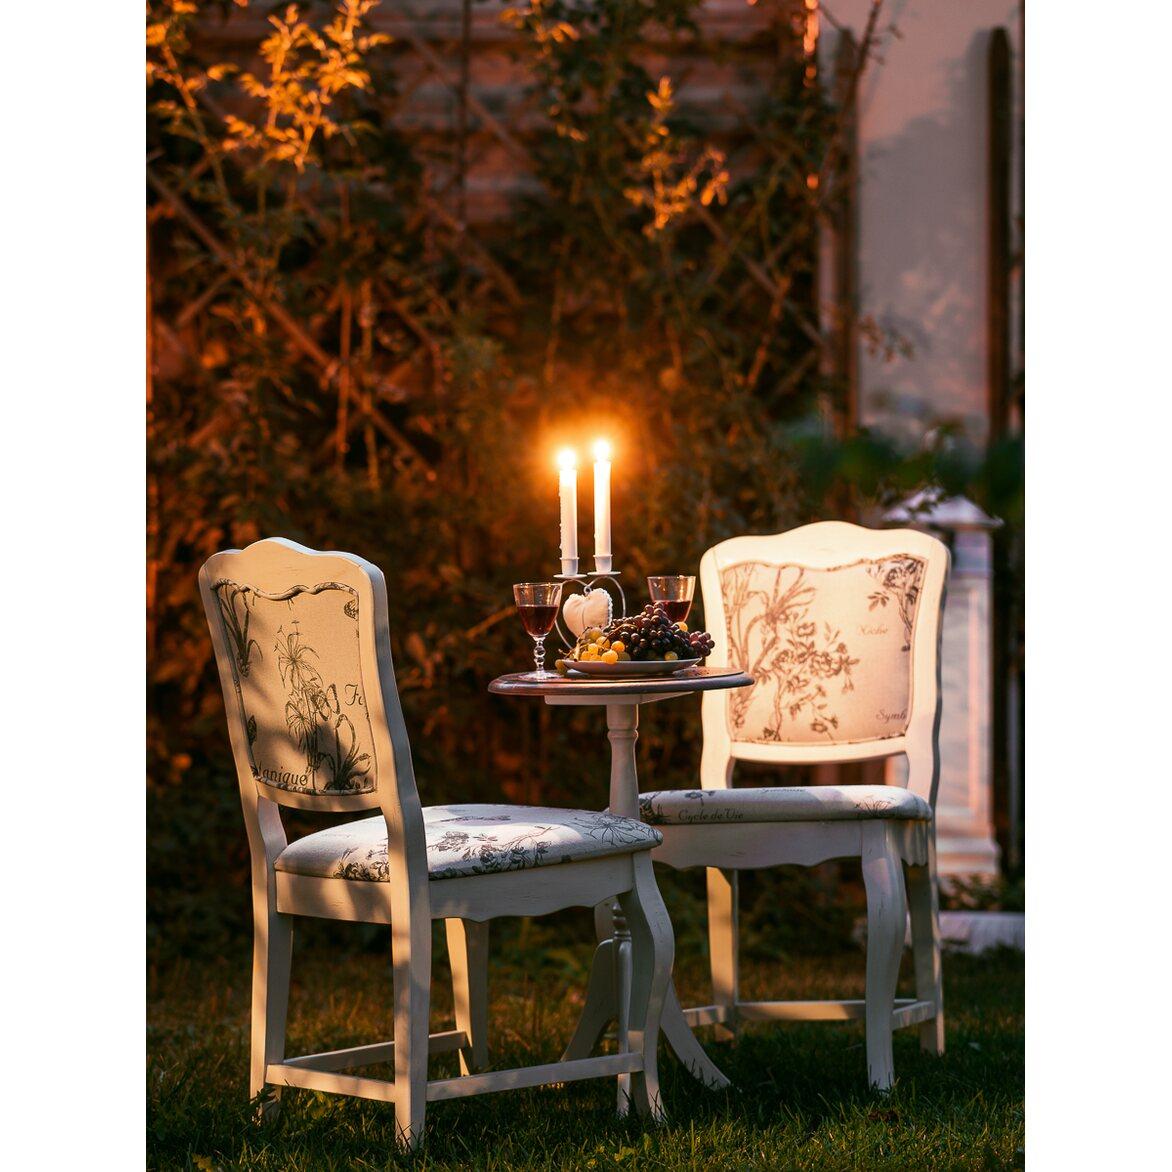 Стул Leontina с мягким сиденьем, бежевого цвета 4 | Обеденные стулья Kingsby